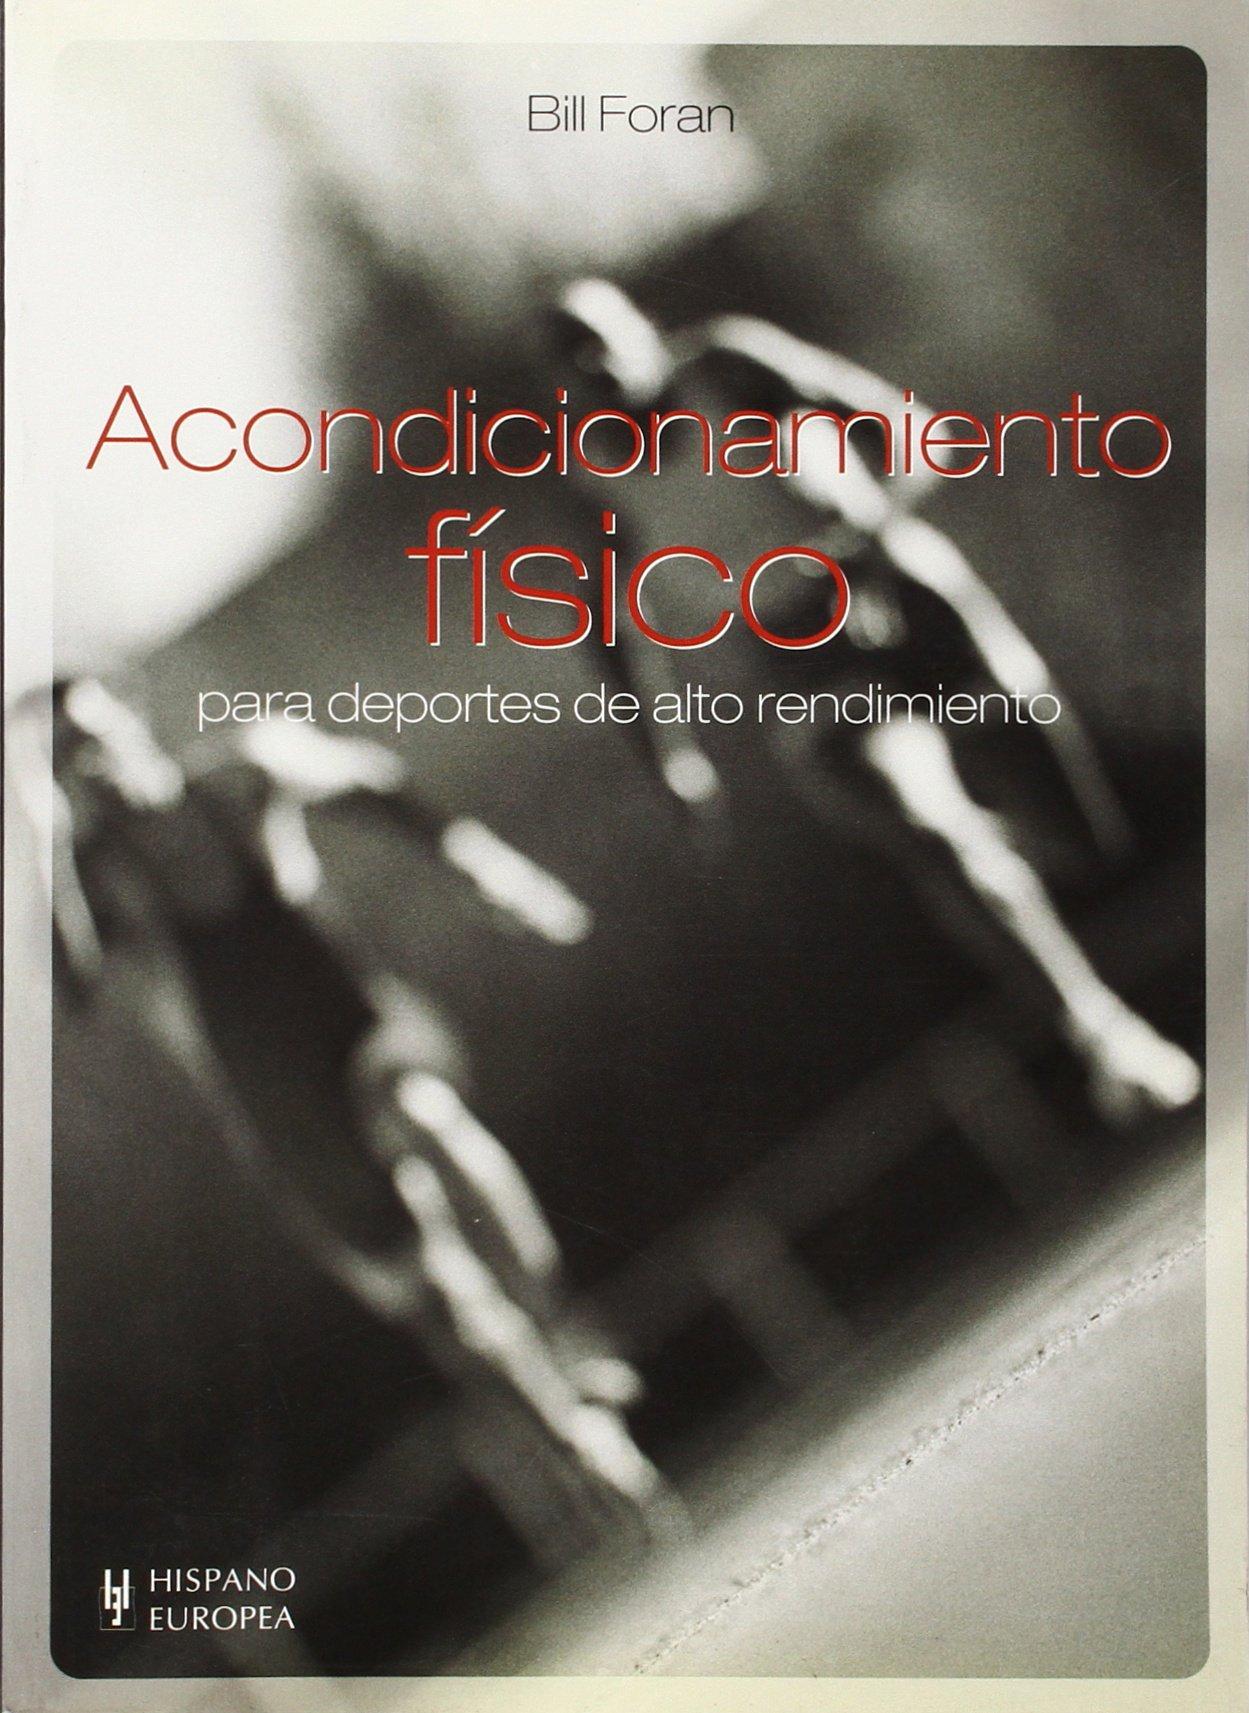 Acondicionmiento fisico para deportes de alto rendimiento (Spanish Edition) pdf epub